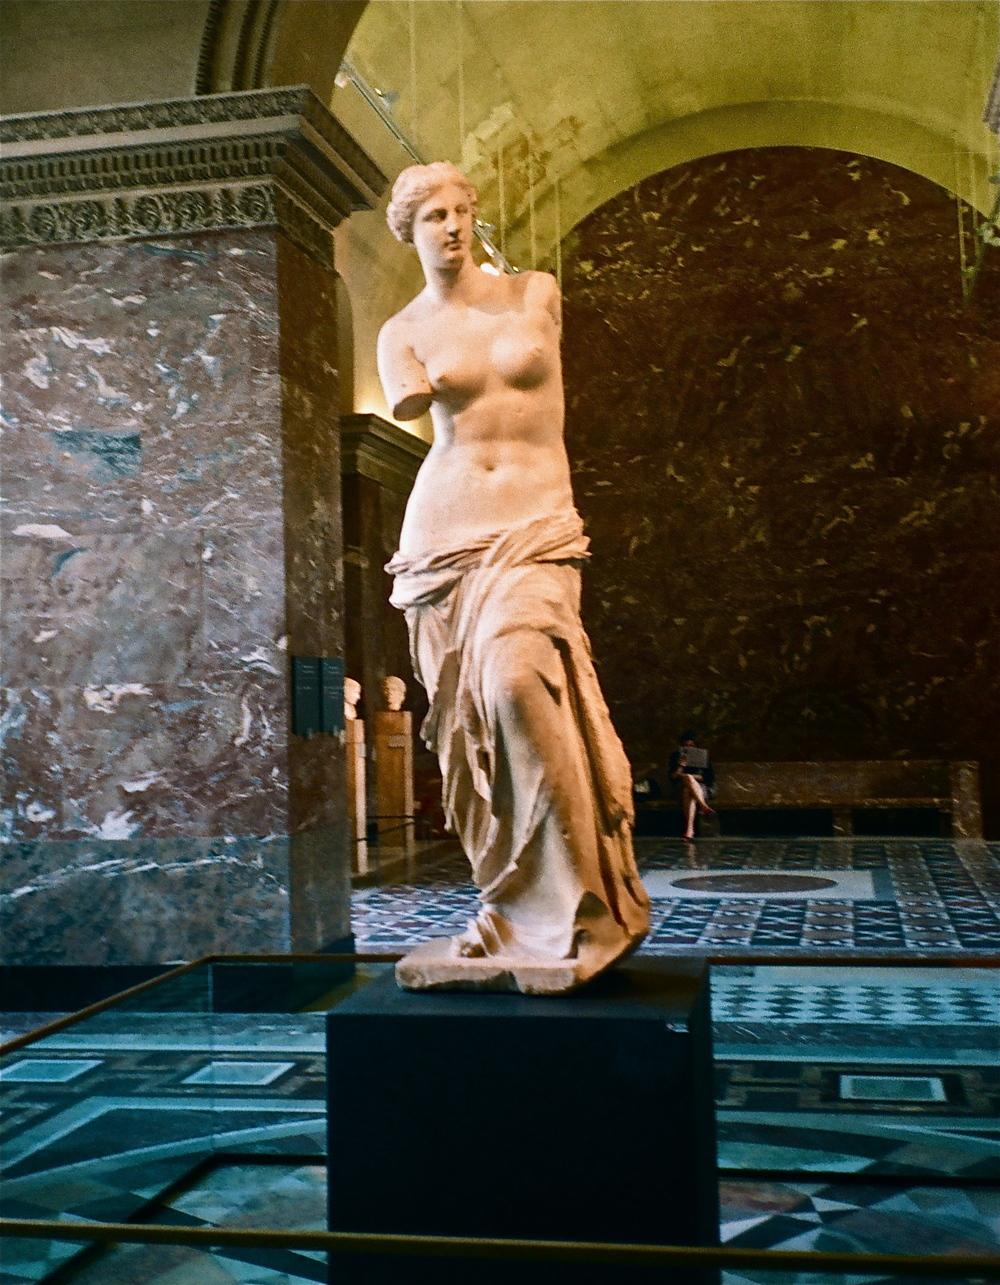 Venus de Milo (Aphrodite of Melos), circa 150 BCE